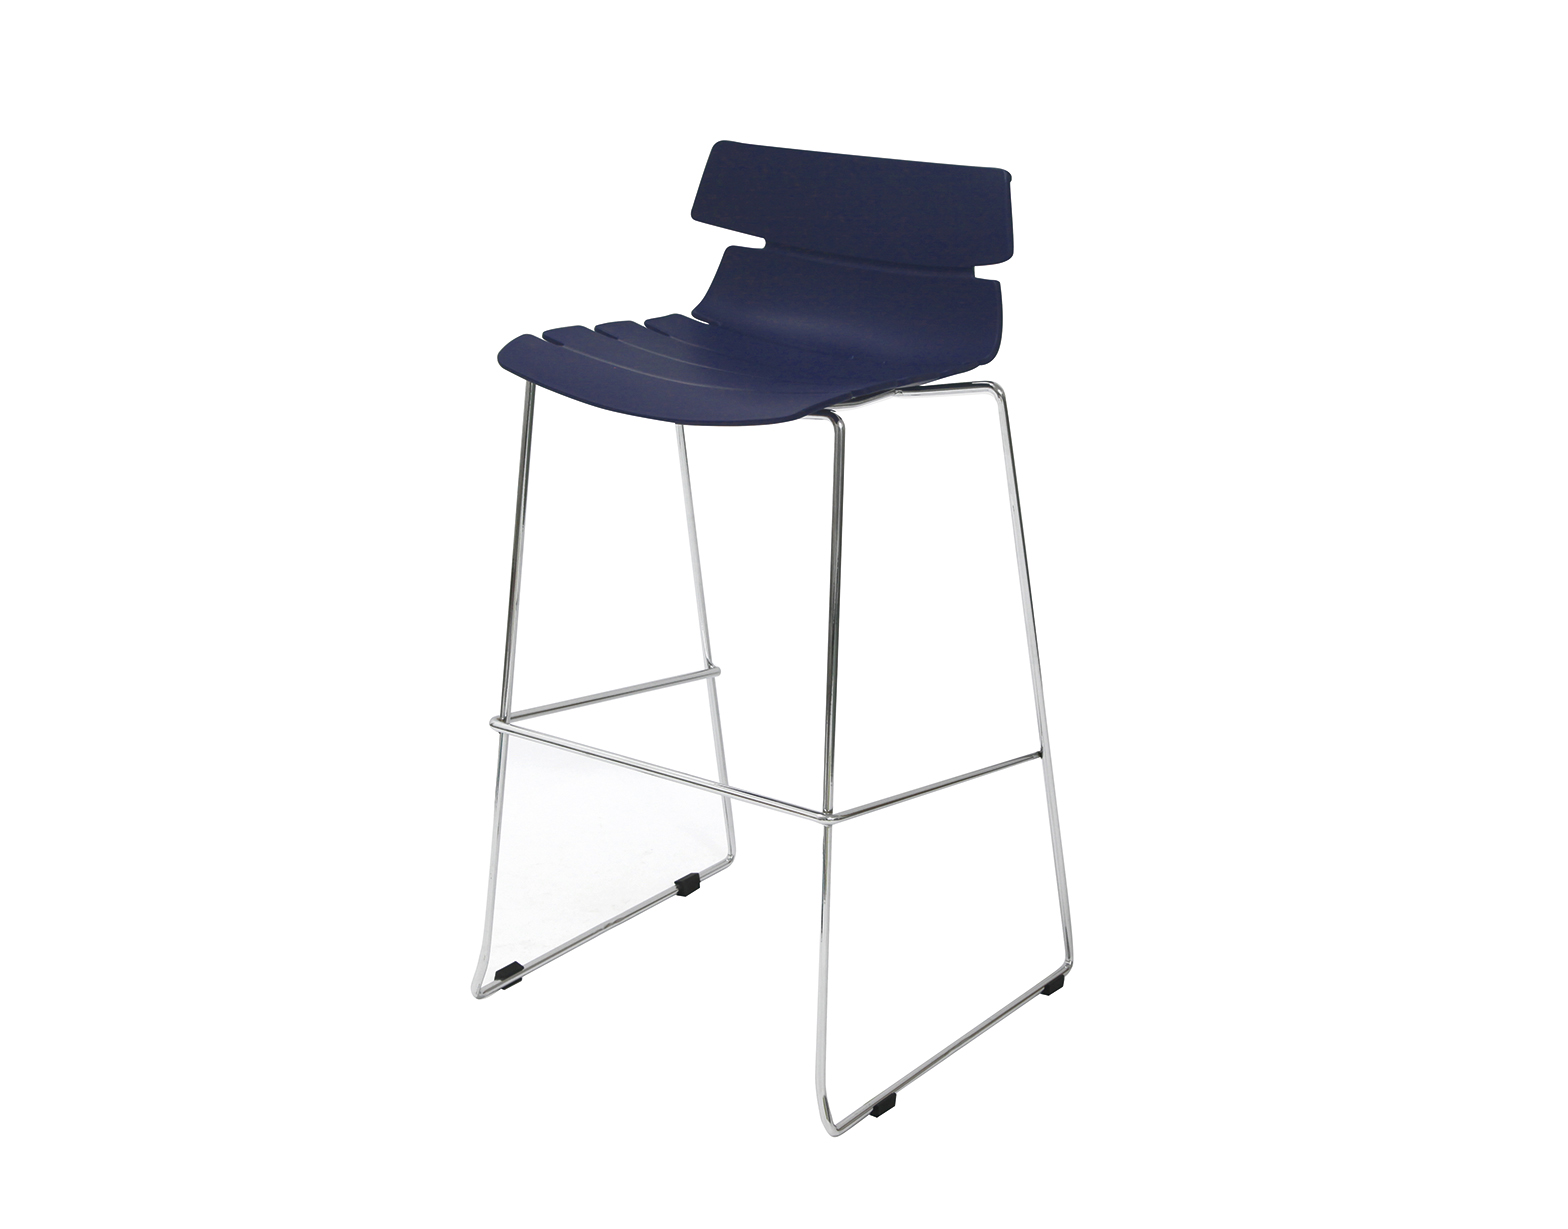 Стул барный CT-602 синийБарные стулья<br><br><br>Material: Пластик<br>Width см: 59<br>Depth см: 50<br>Height см: 97